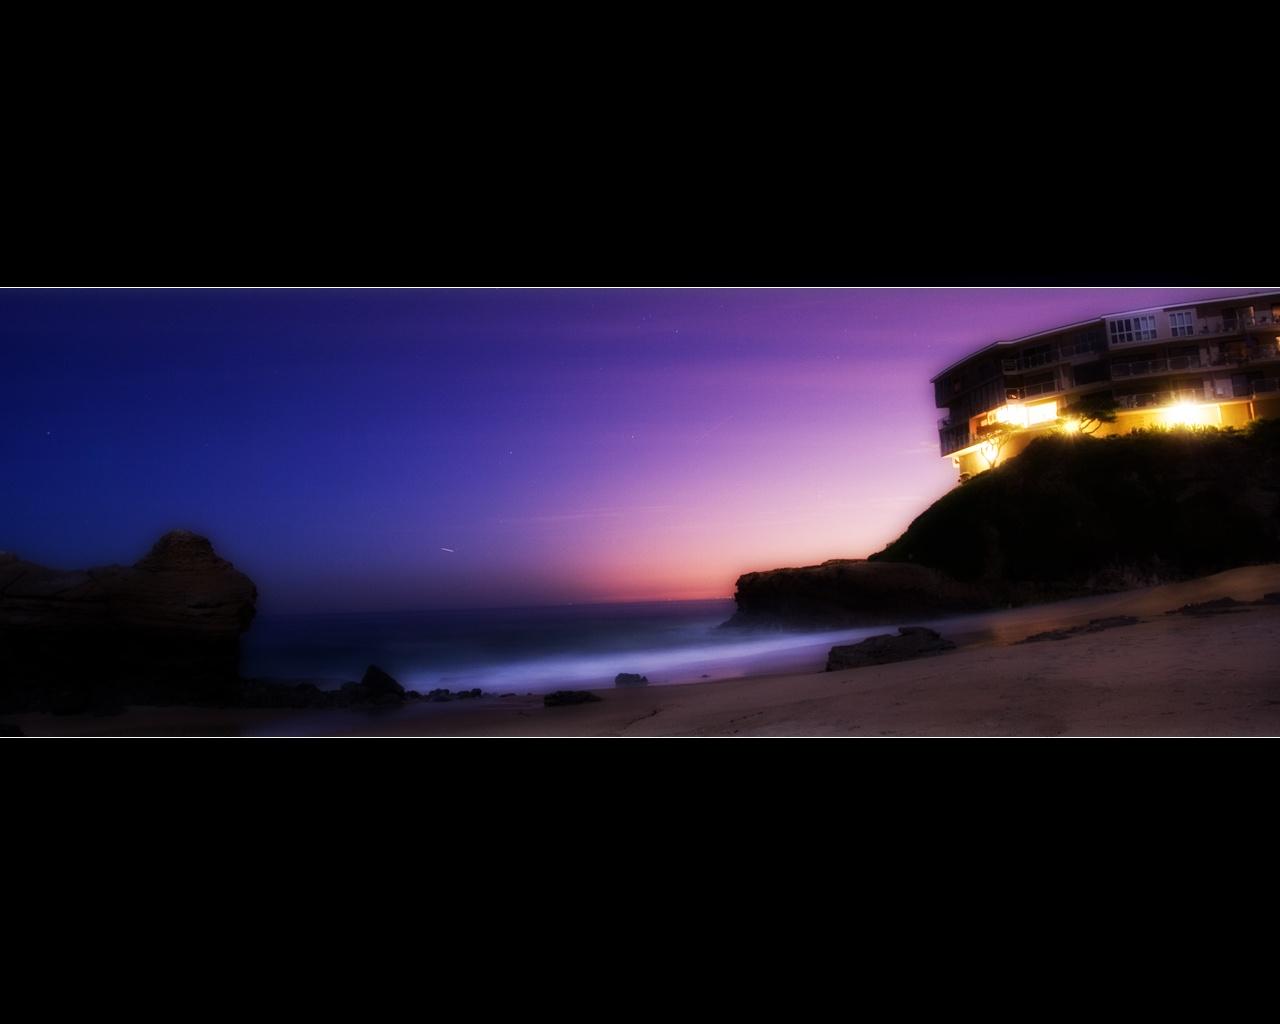 Beach house wallpapers Beach house stock photos 1280x1024